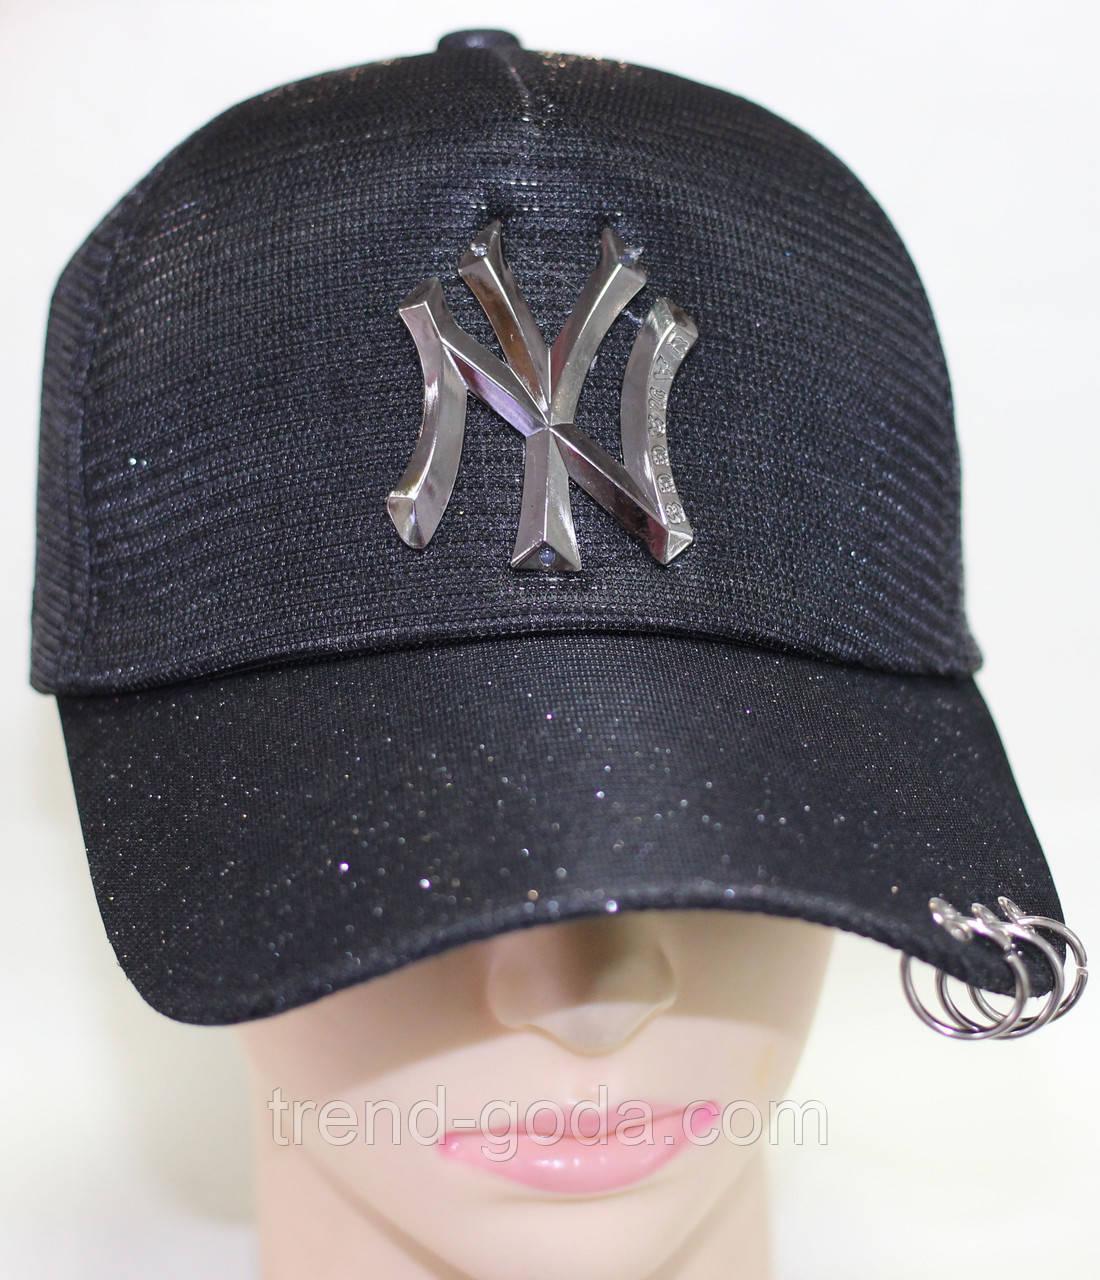 Кепка женская  Нью Йорк. Бейсболка блестящяя черная